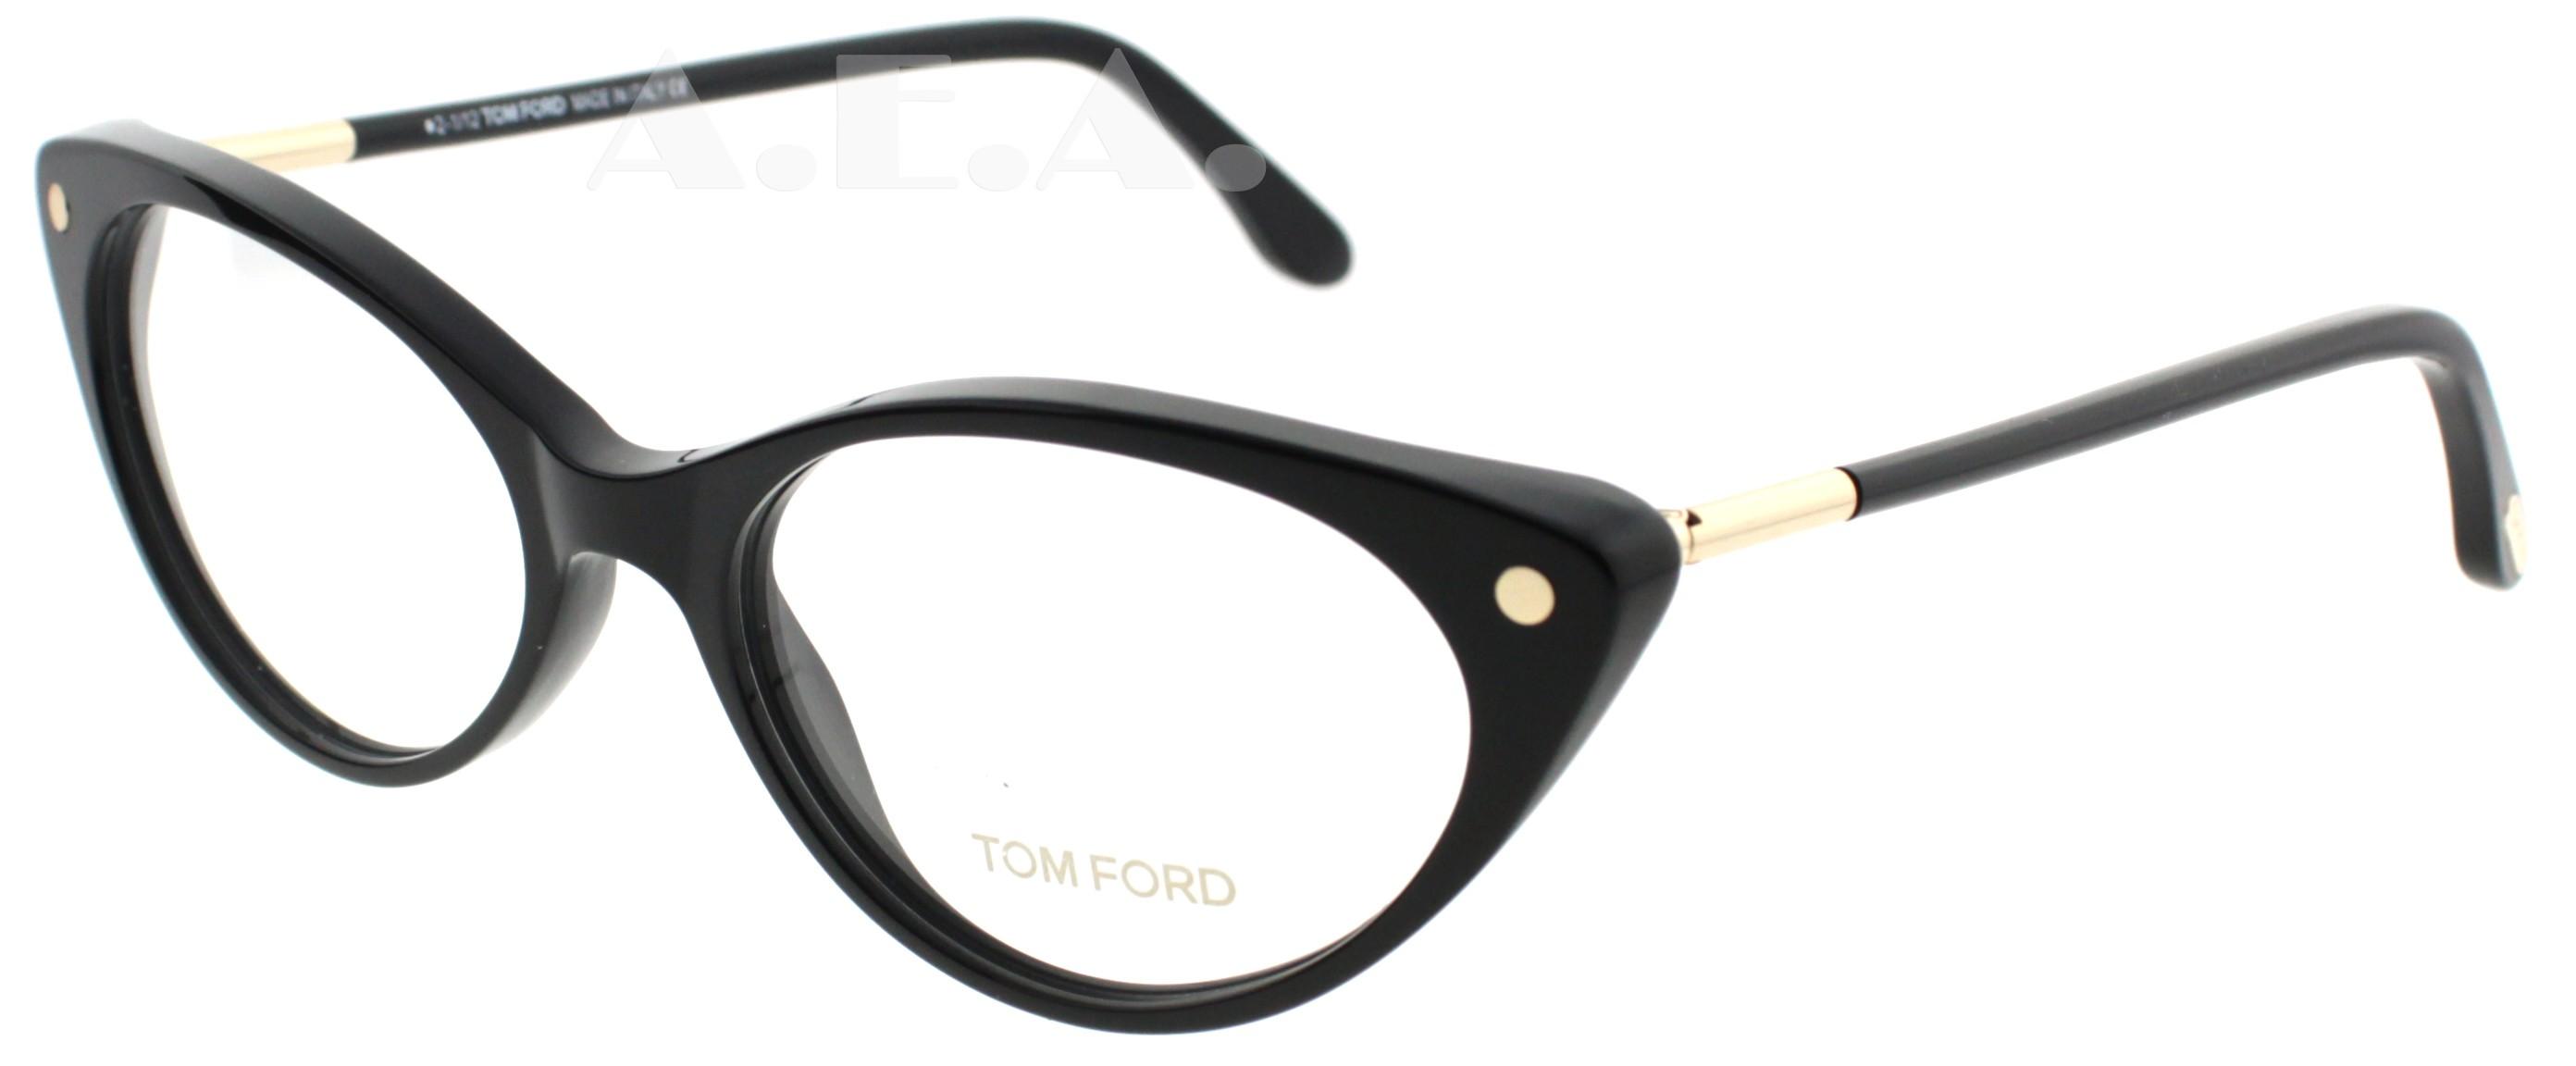 TOM FORD TF 5189/V BLACK 001 WOMENS CAT EYE DESIGNER ...